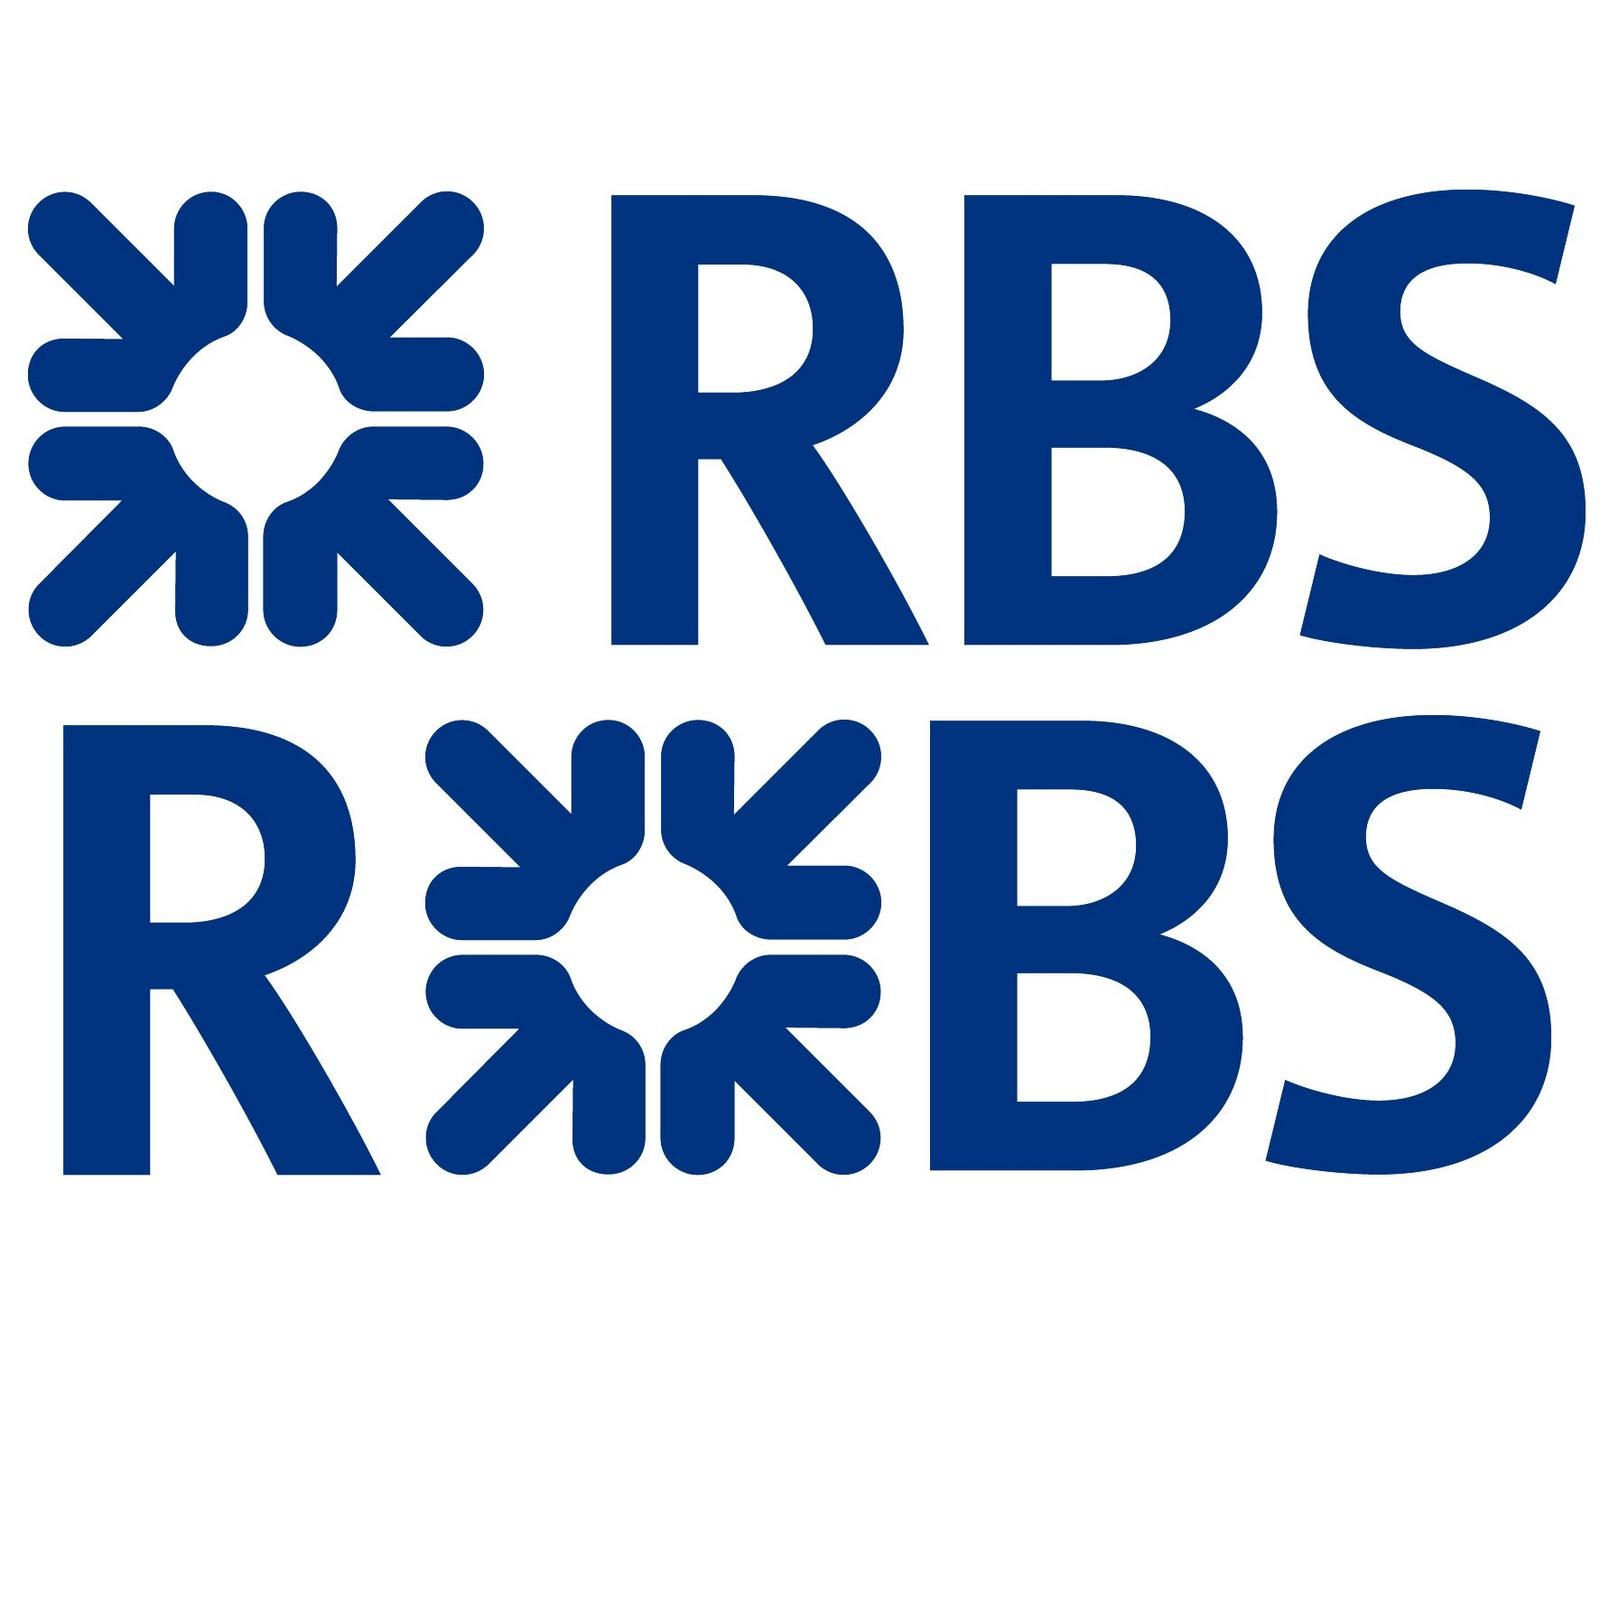 http://4.bp.blogspot.com/-tlAH298bpaI/TlGGPn78h8I/AAAAAAAAASc/NvKGnZEzIOg/s1600/RBS+Robs+.jpg